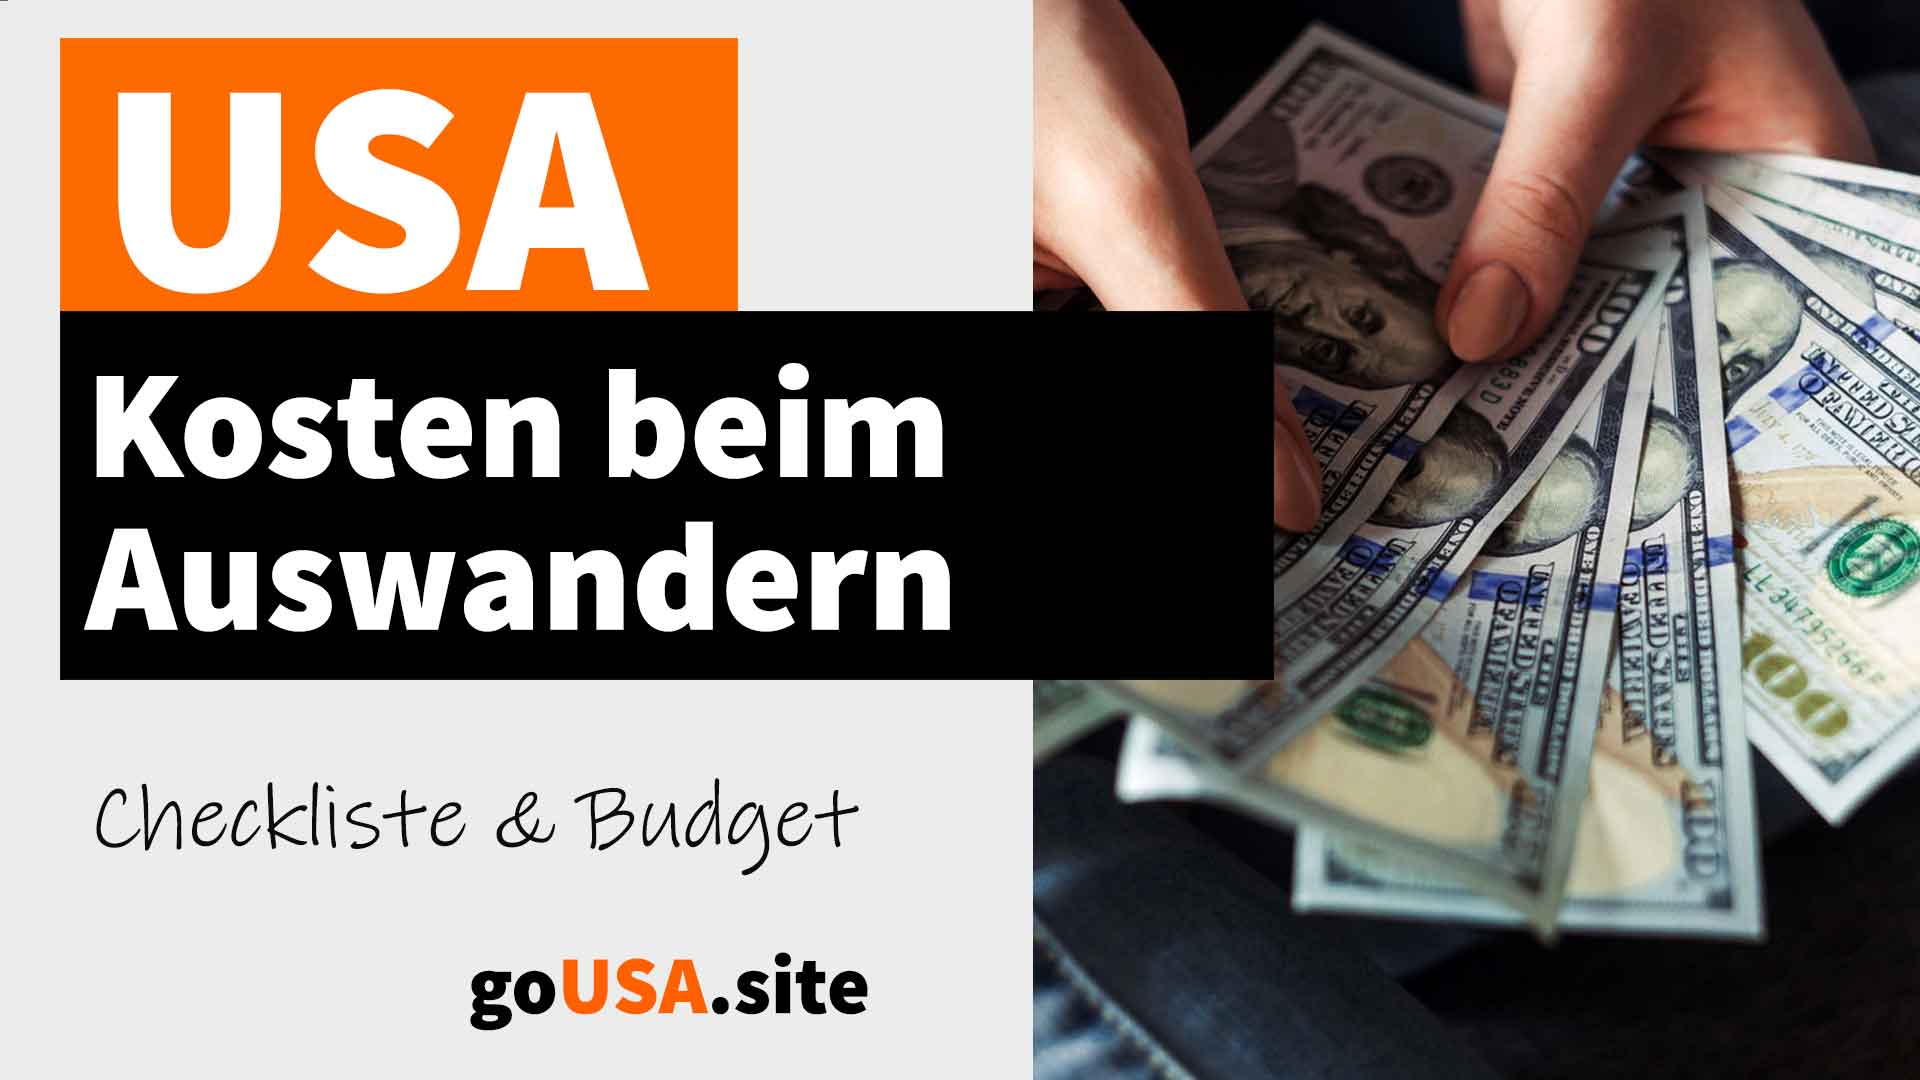 Kosten zum Auswandern in die USA - Checkliste und Budget